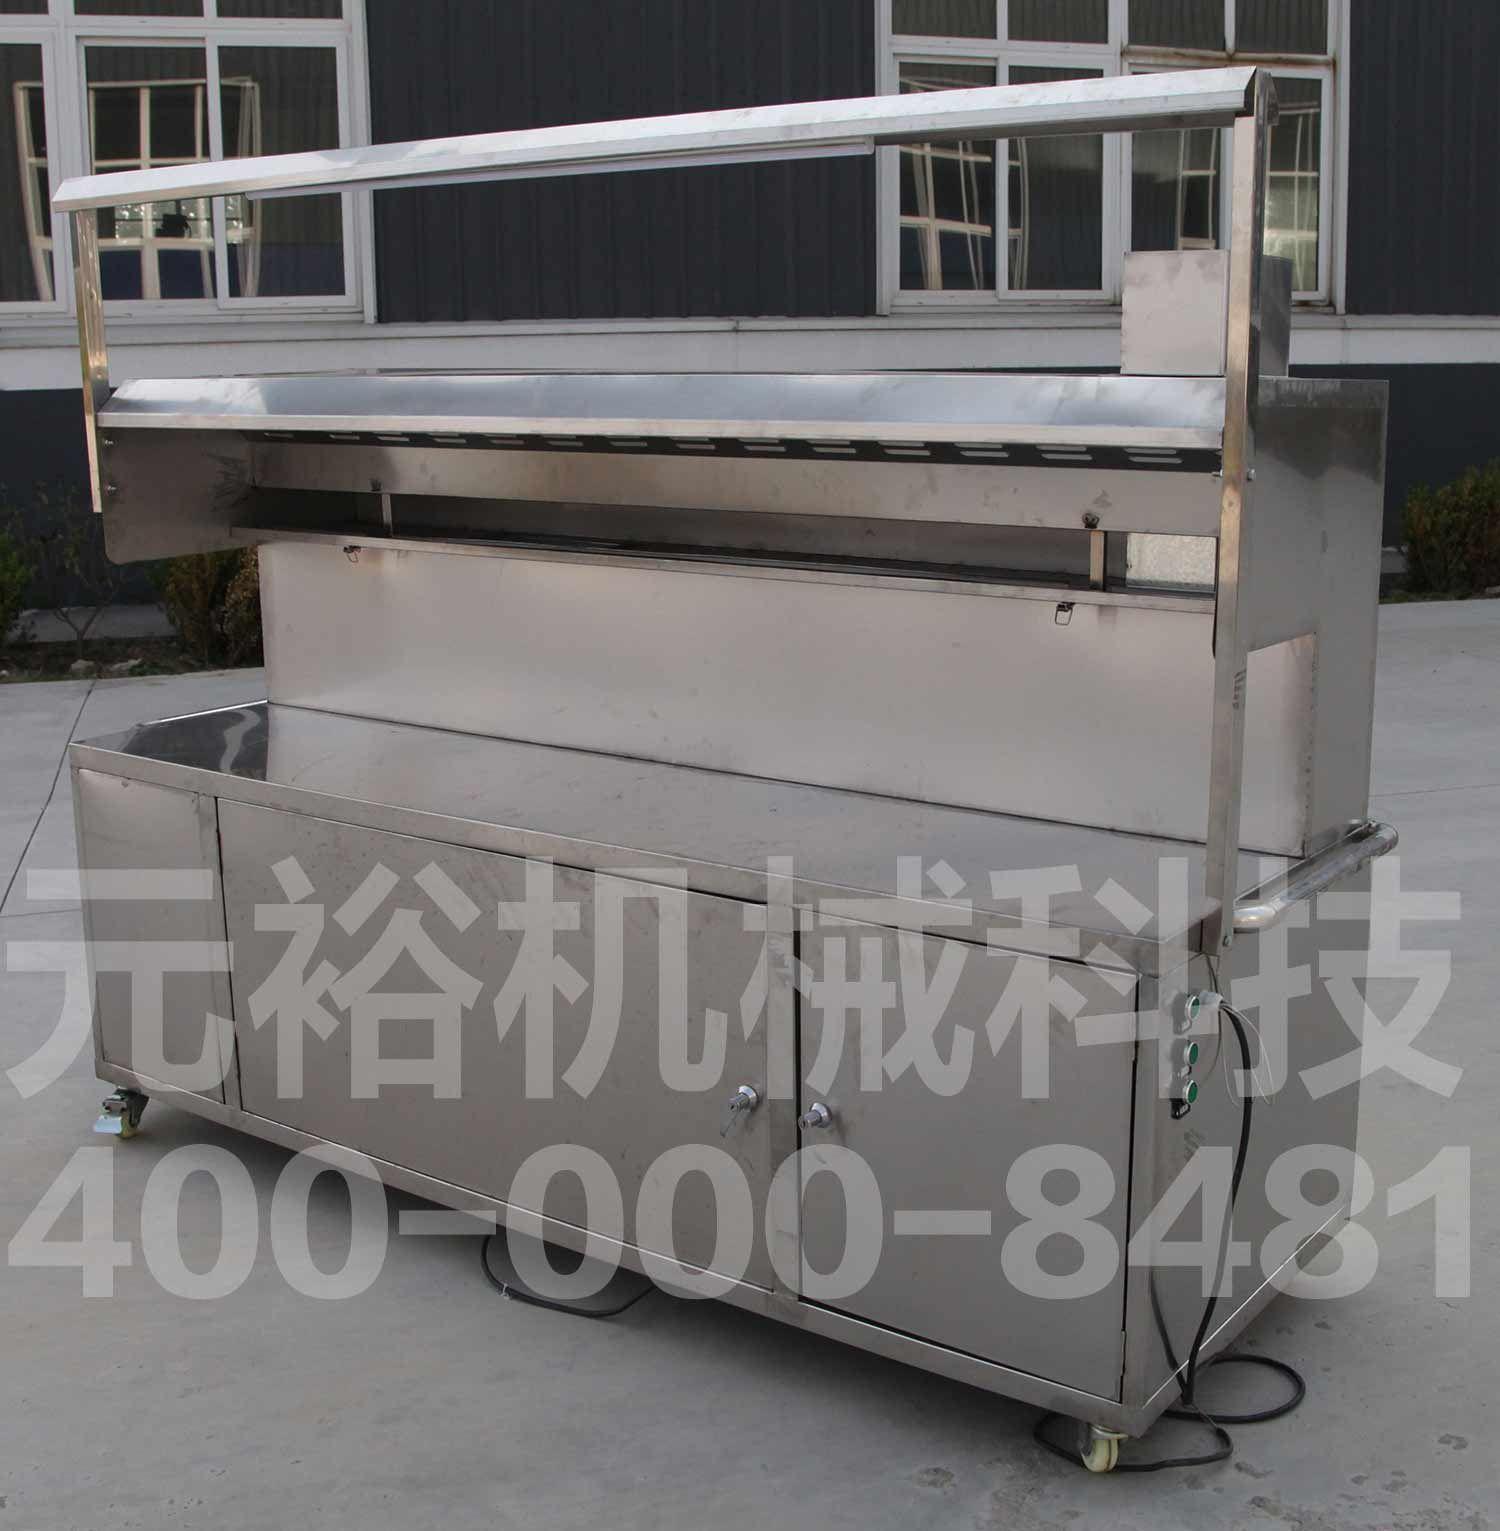 元裕油烟净化烧烤车 油烟净化98% 大排档烧烤专用